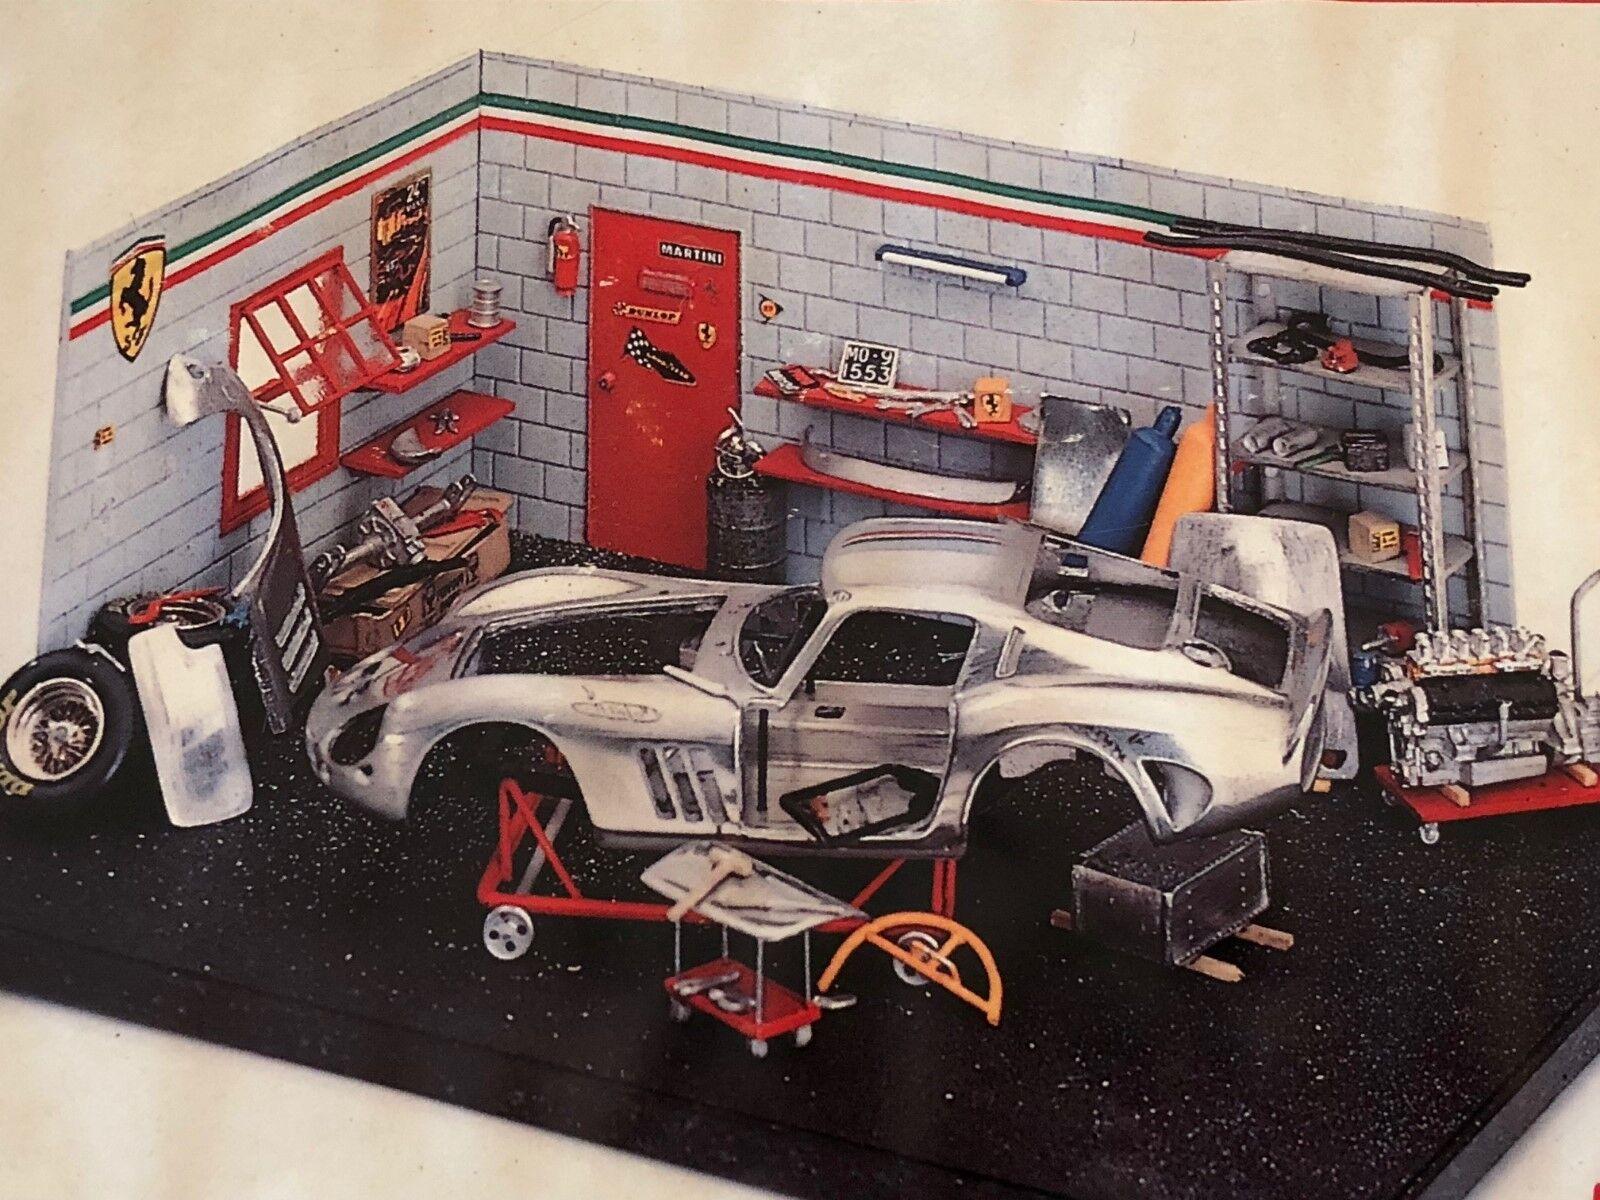 Exoto Estudio Artistique Built el Ferrari Gto en el Garaje 1 43 Maqueta